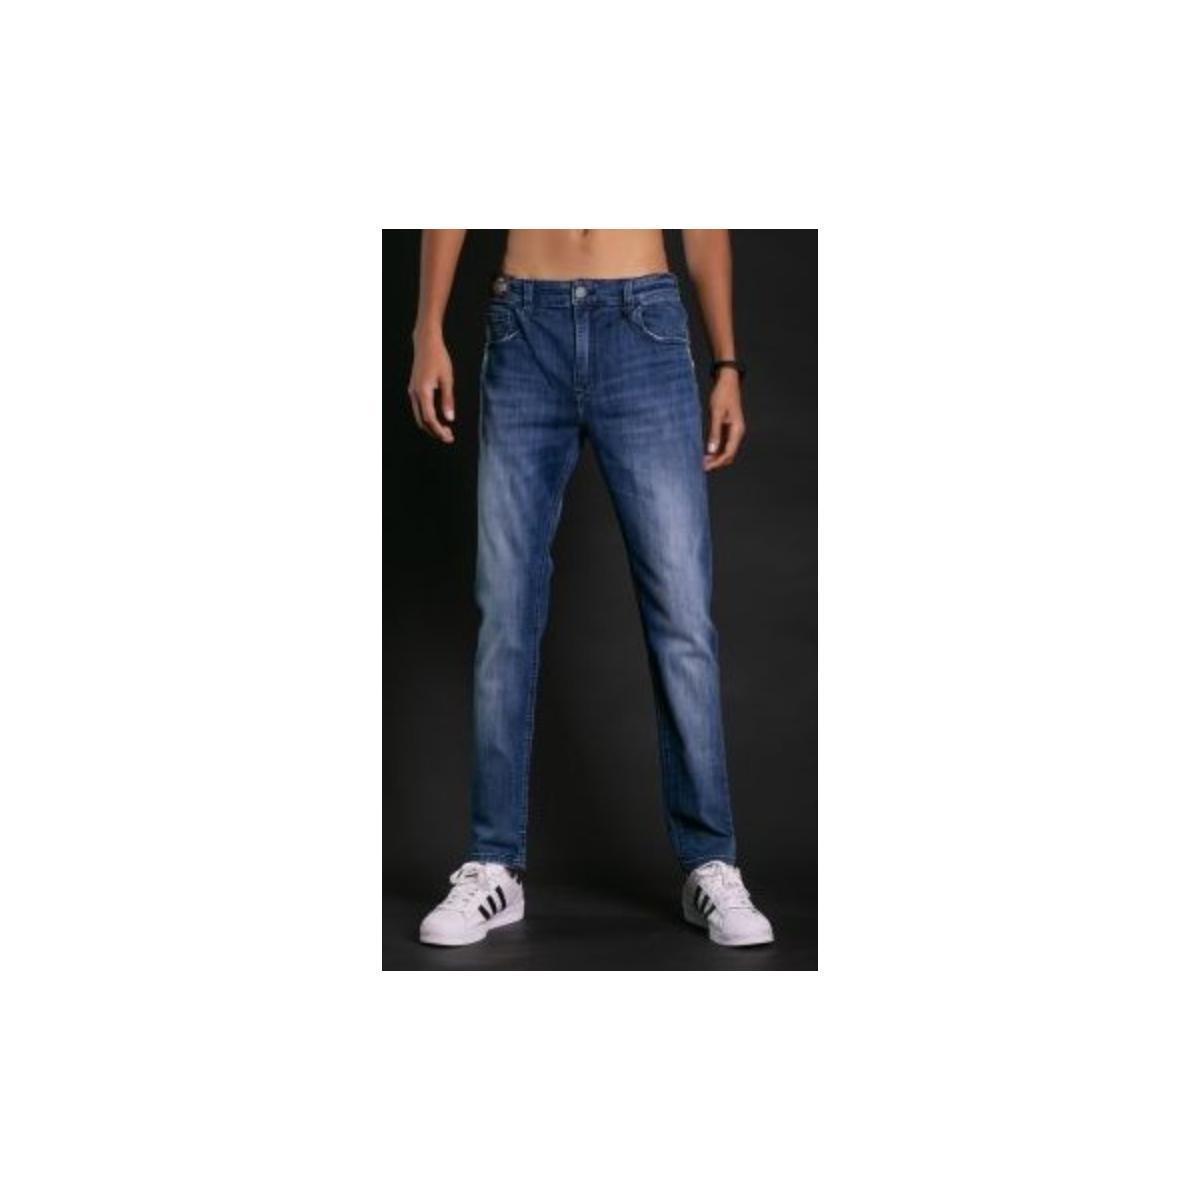 Calça Masculina Ellus 53a6565 1401 Jeans